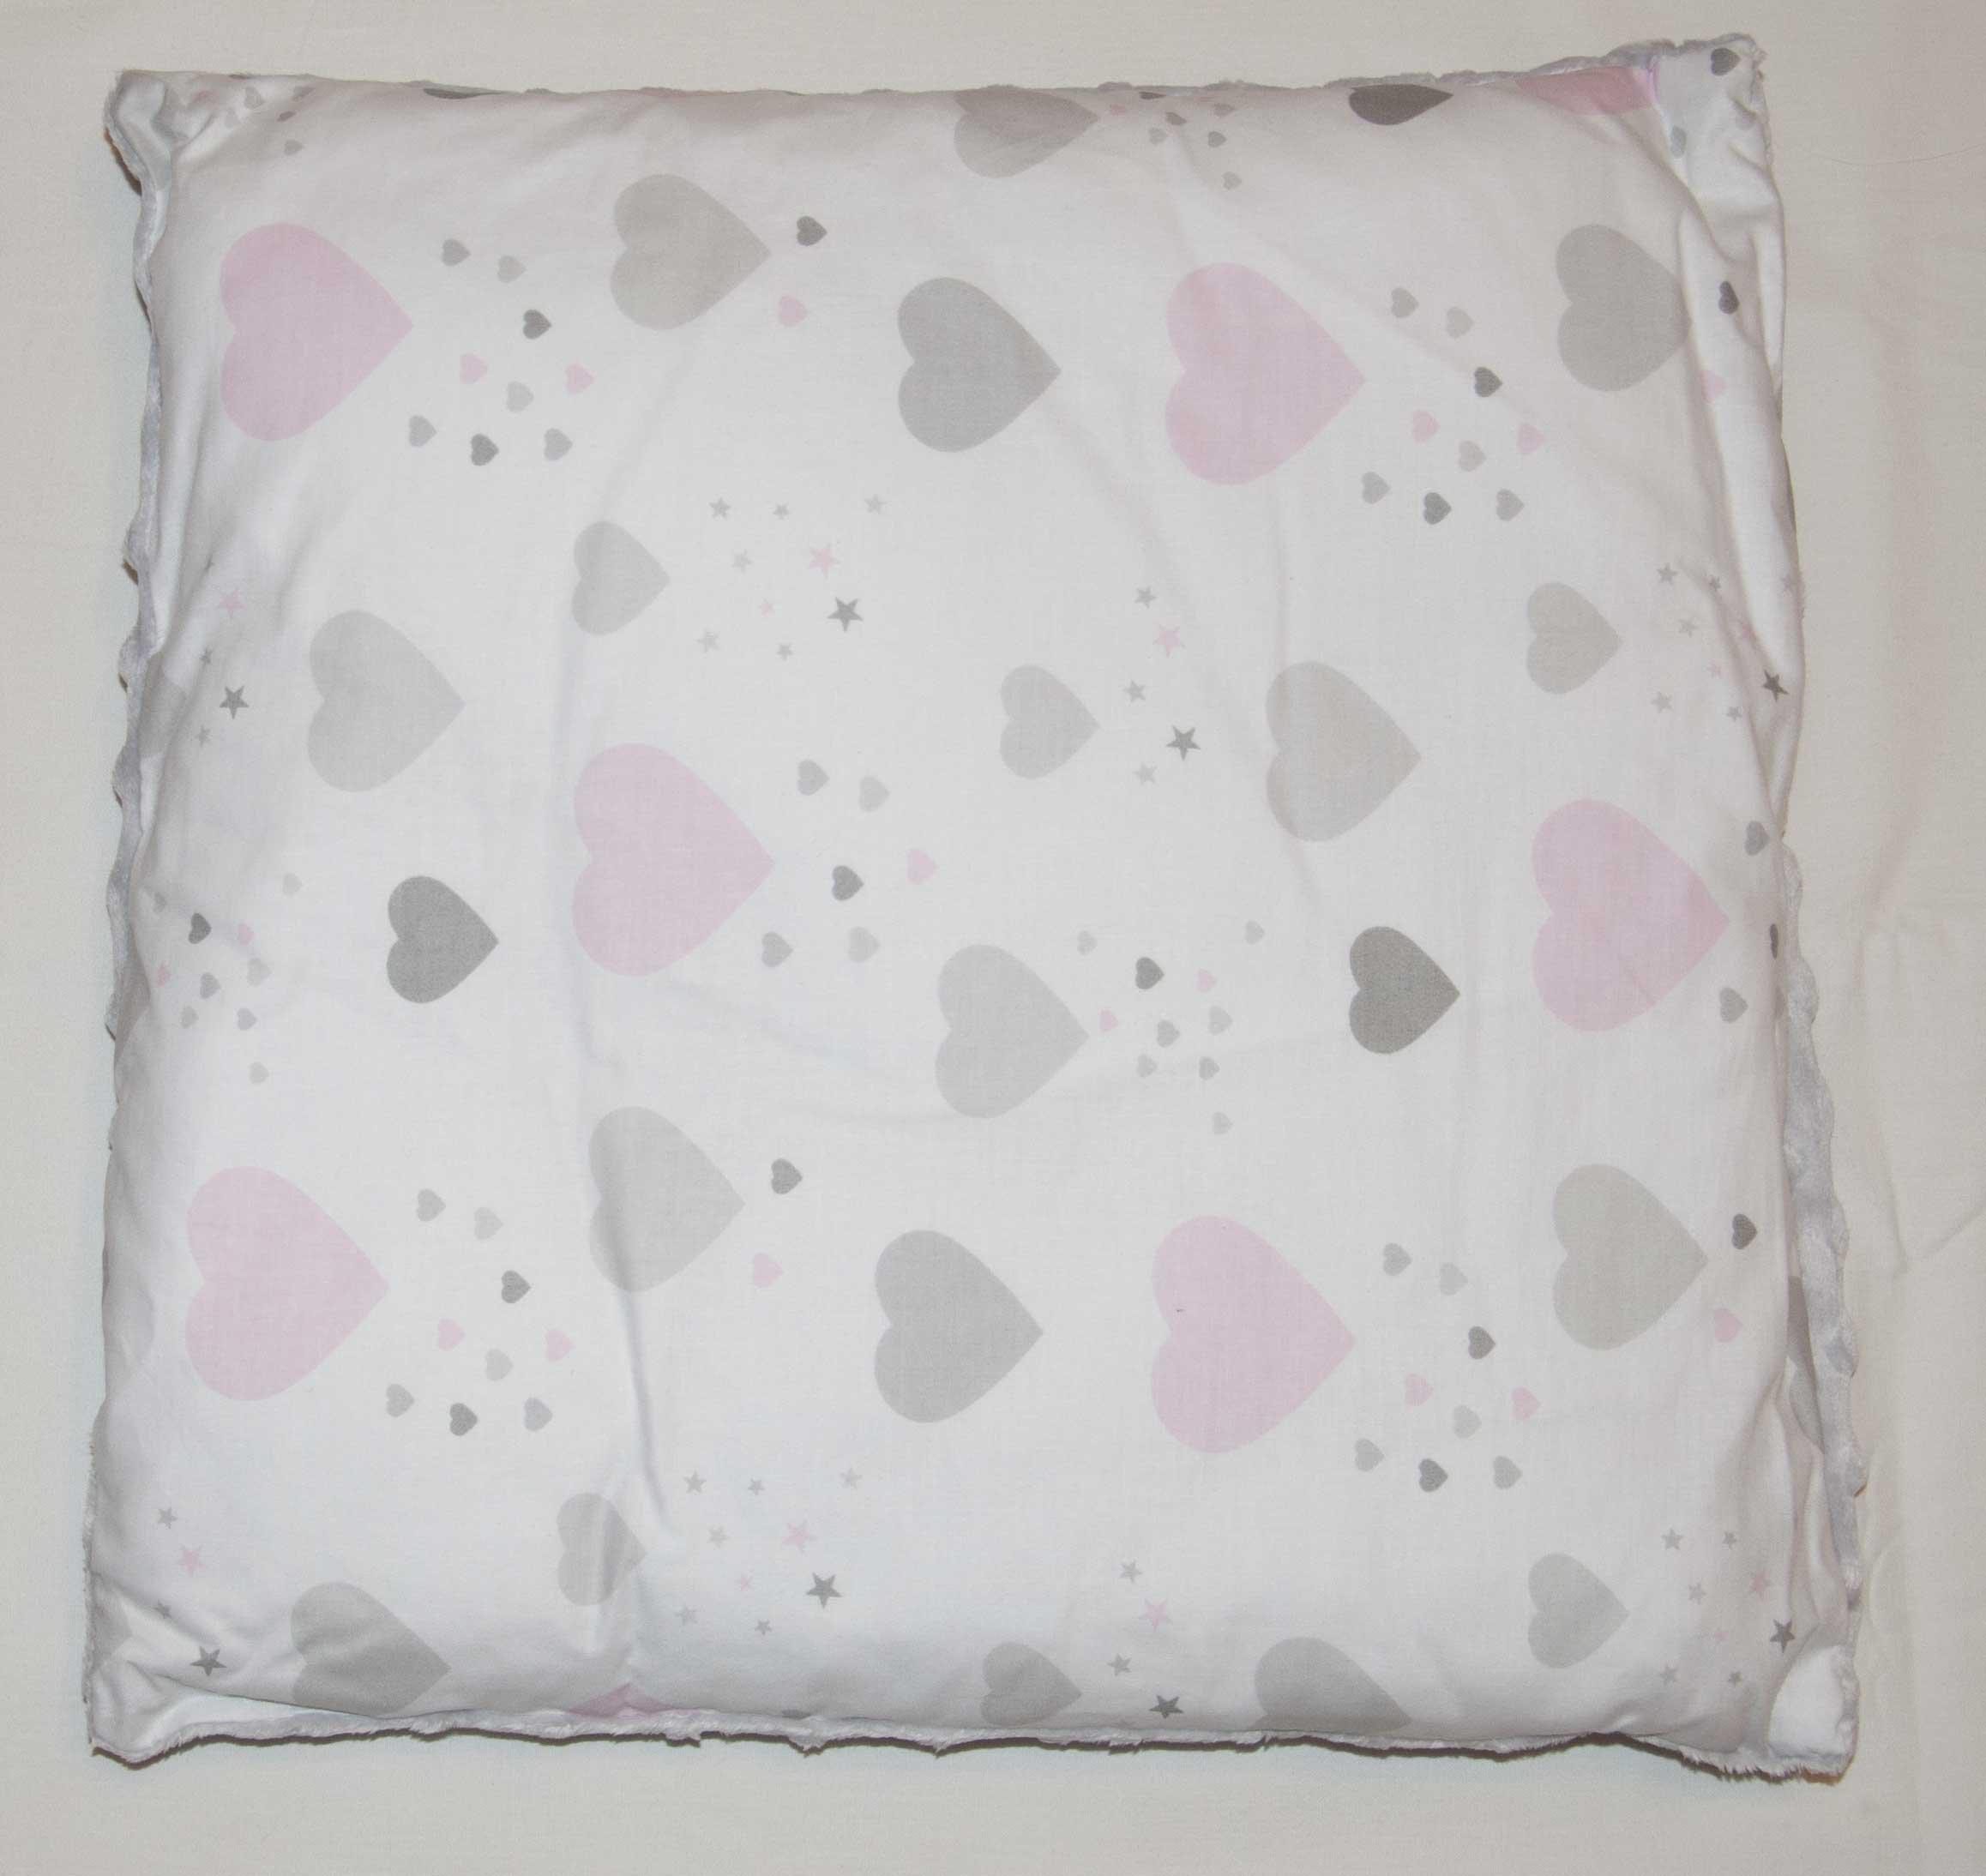 Dìtský polštáø bavlna + minky 40x40 cm srdce rùžová